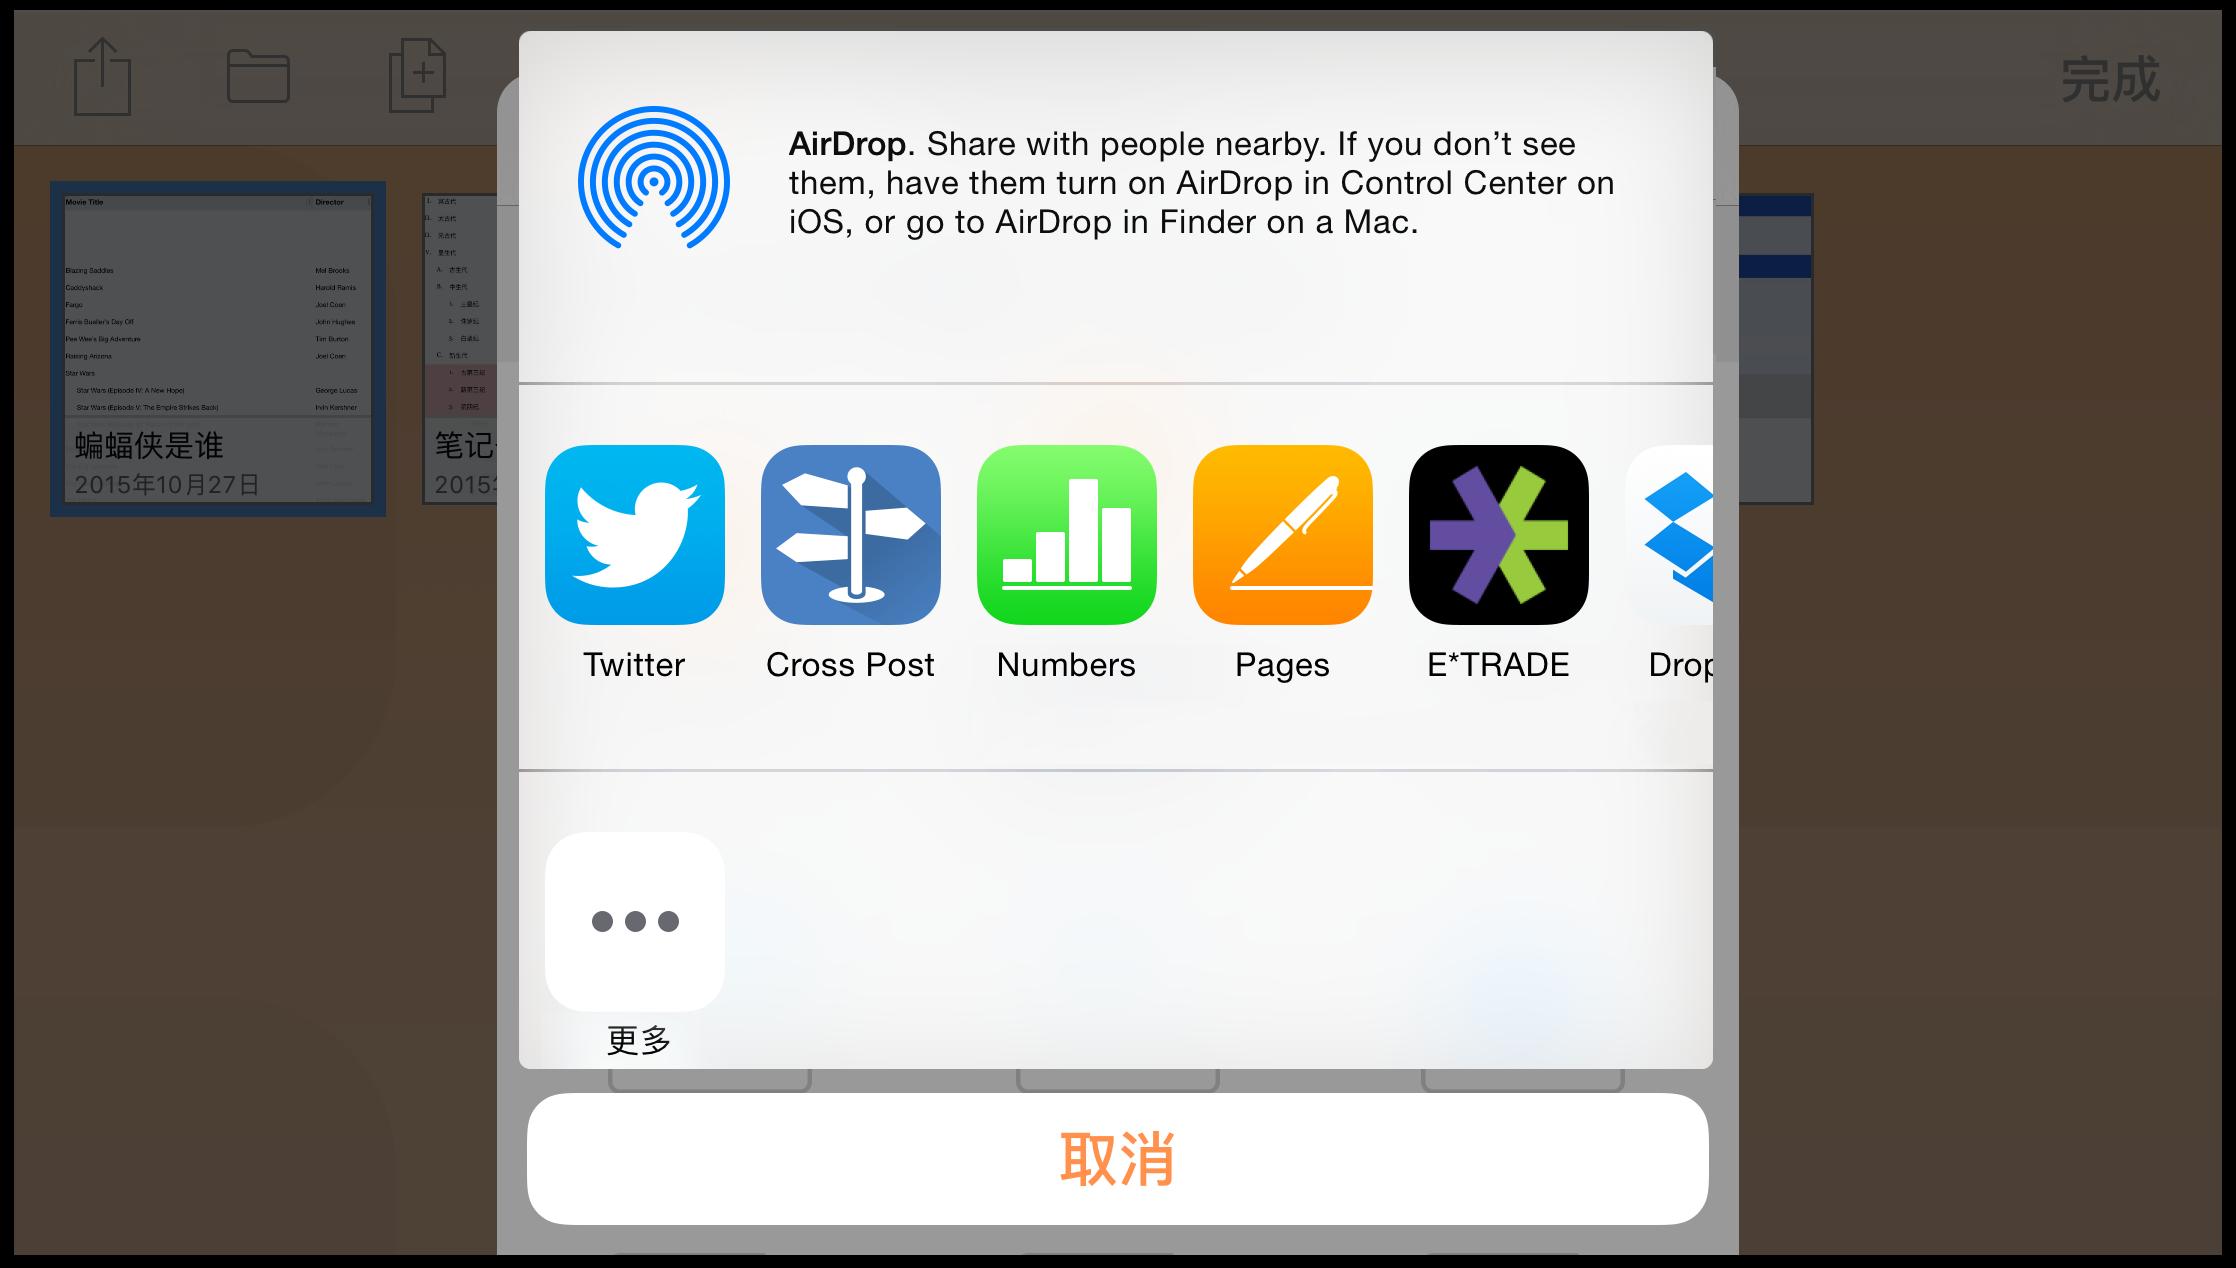 选择应用程序或 AirDrop